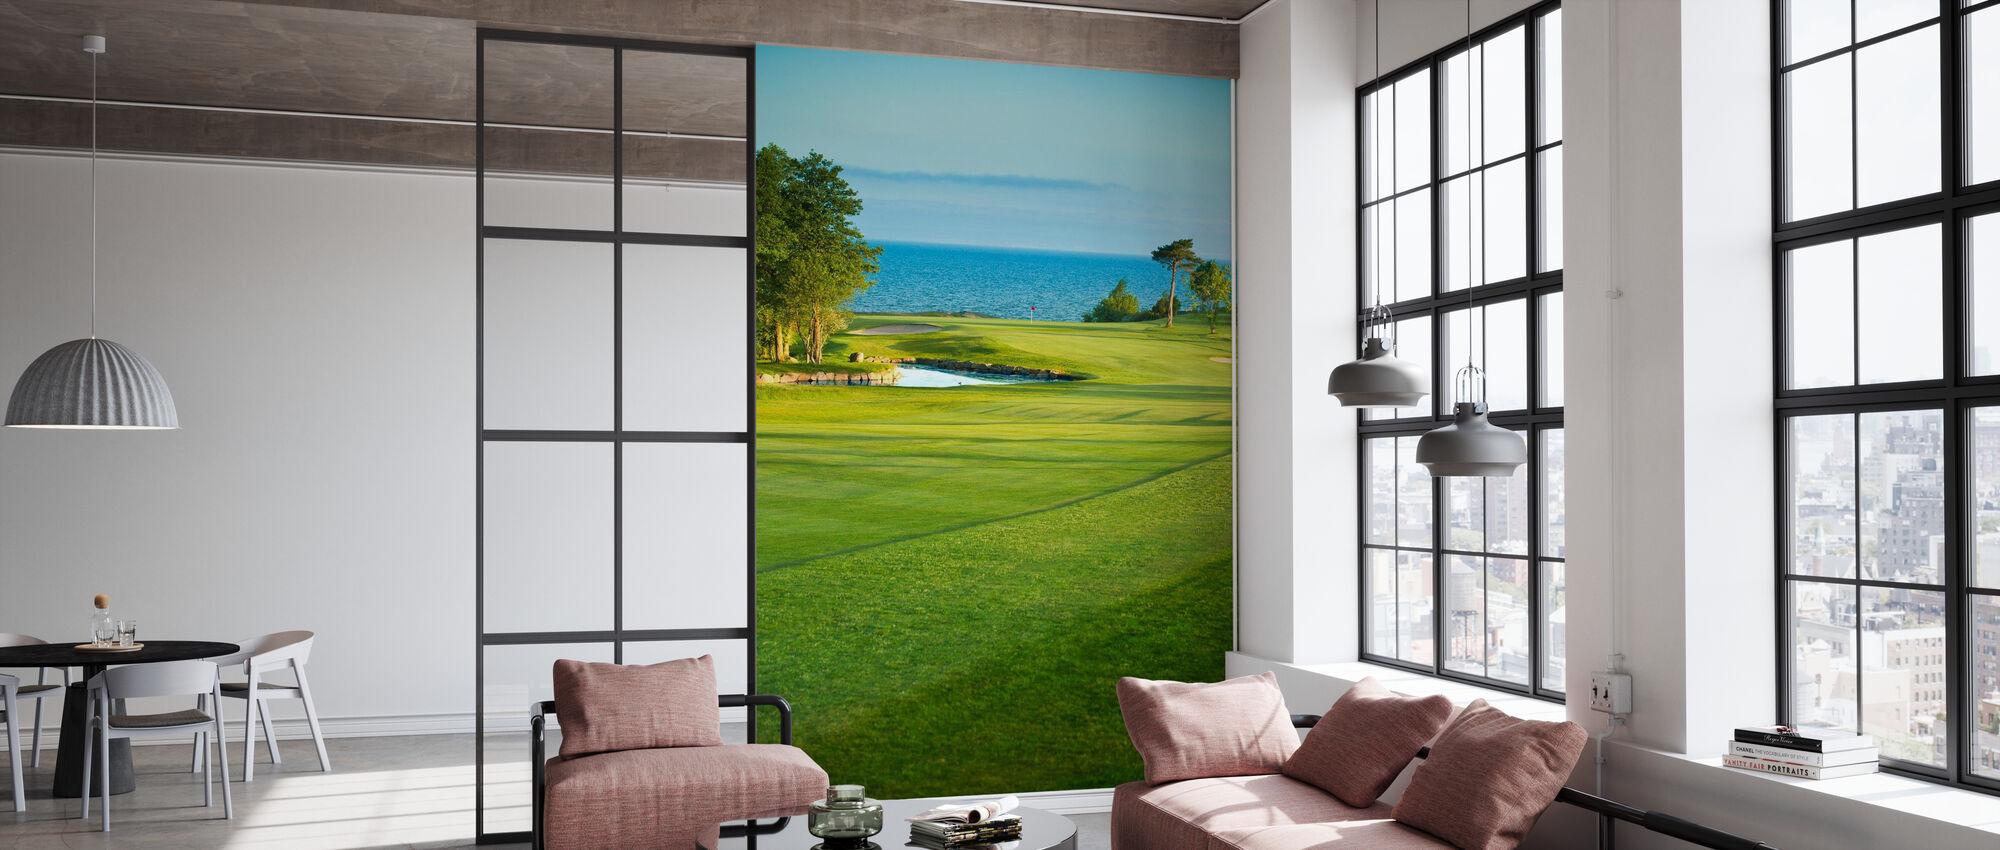 Golfkenttä Stora Lund, Ruotsi - Tapetti - Toimisto